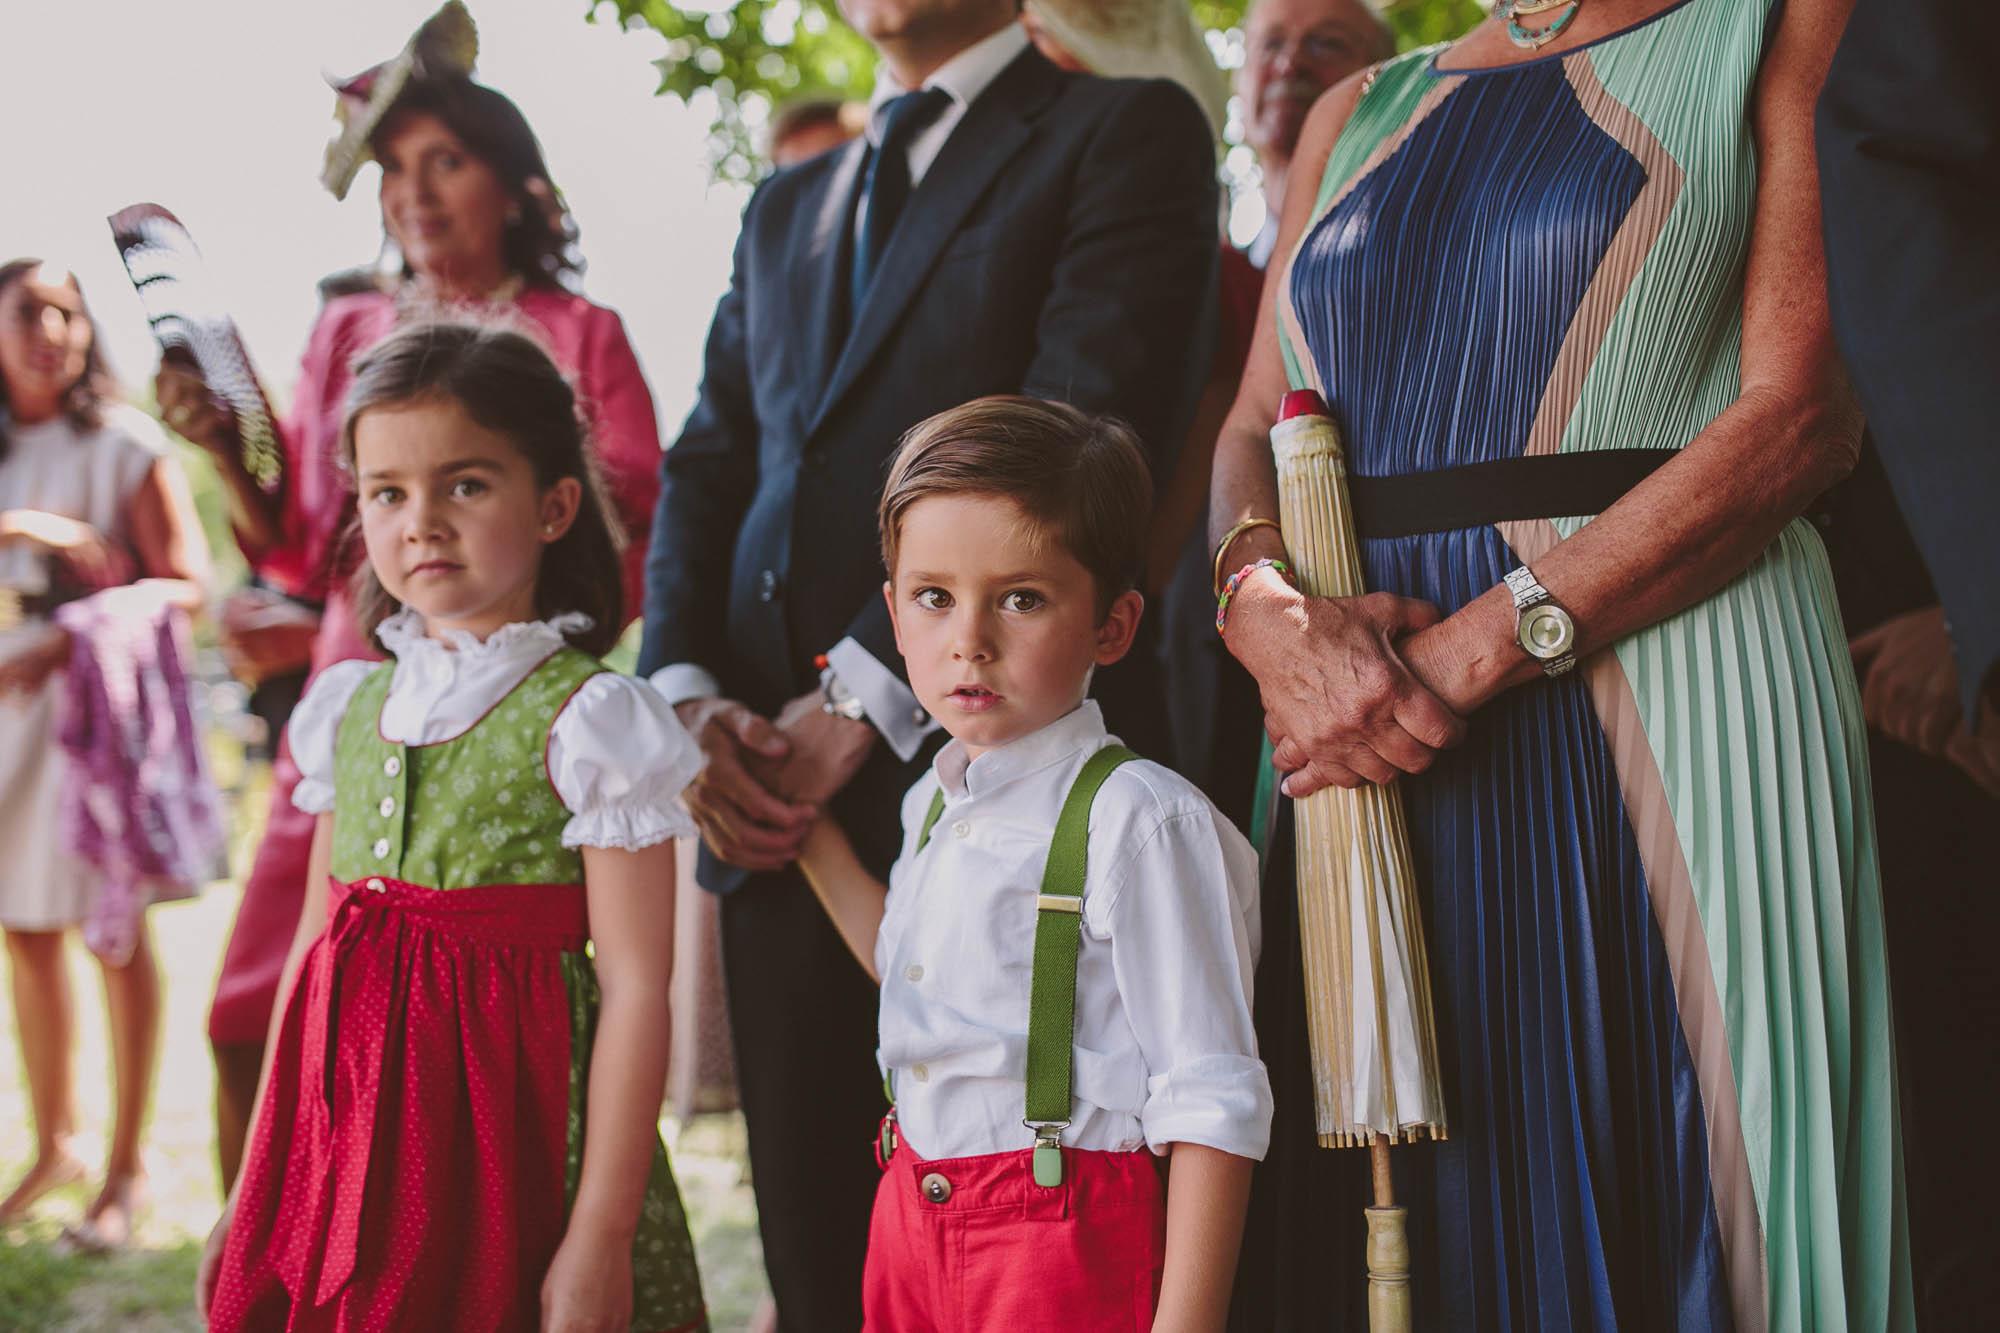 Los niños en la boda miran a los novios